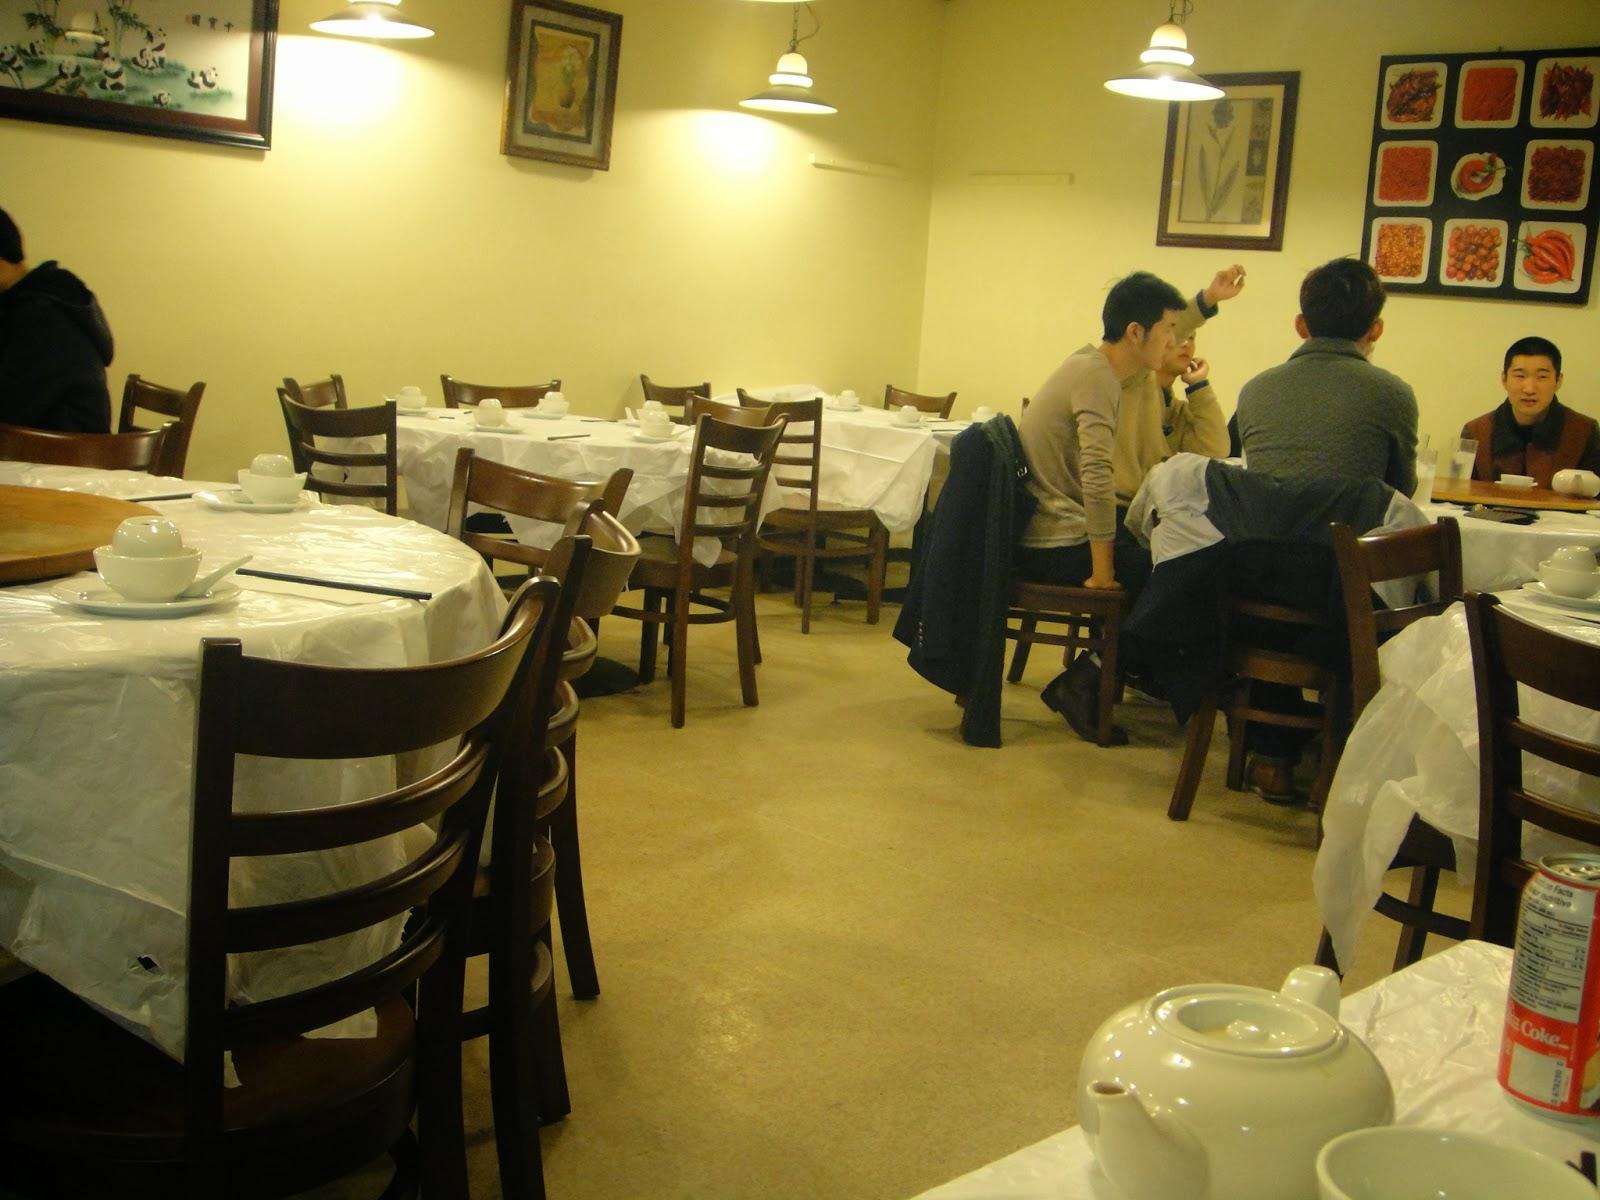 new szechuan restaurant 新四川飯店 missvancouverpiggy